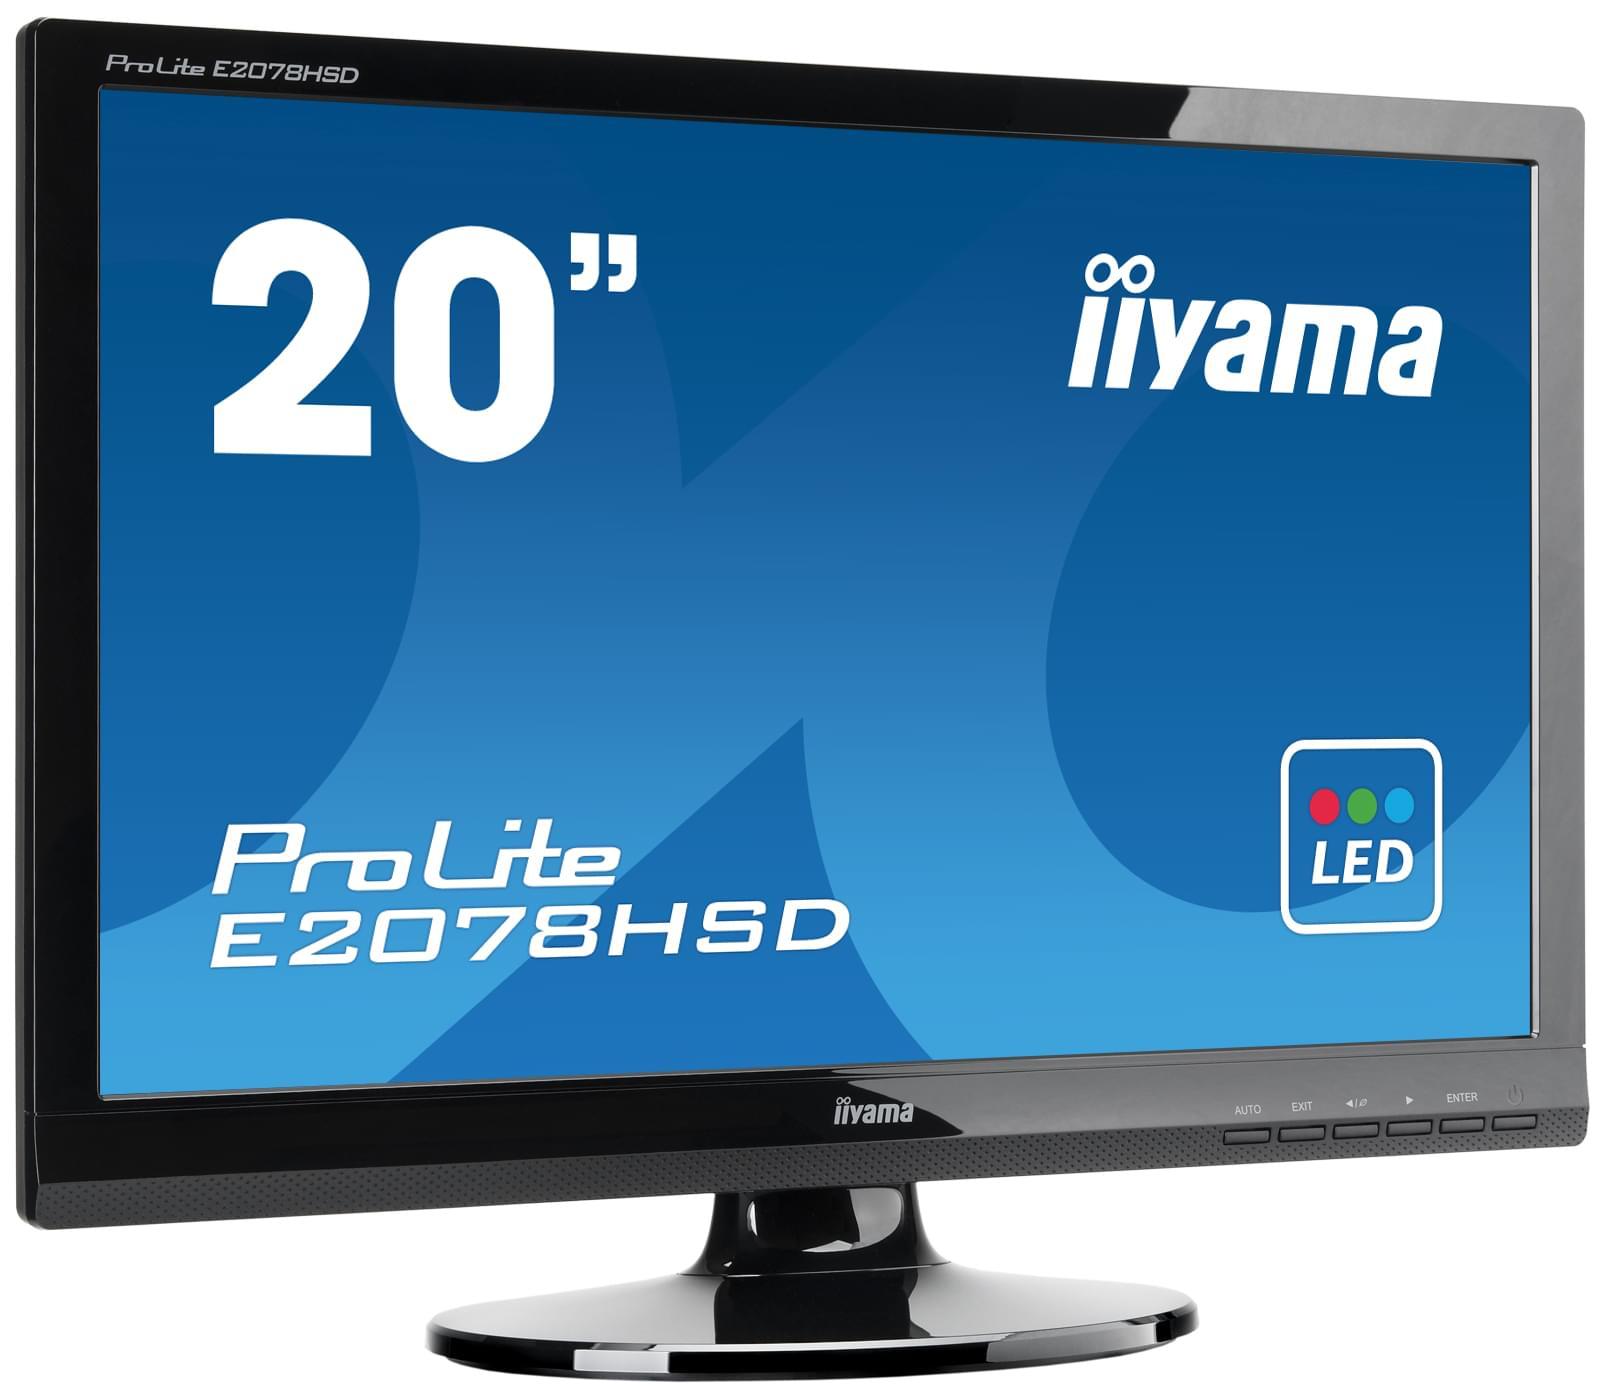 Iiyama E2078HSD-GB1 (E2078HSD-GB1) - Achat / Vente Ecran PC sur Cybertek.fr - 0